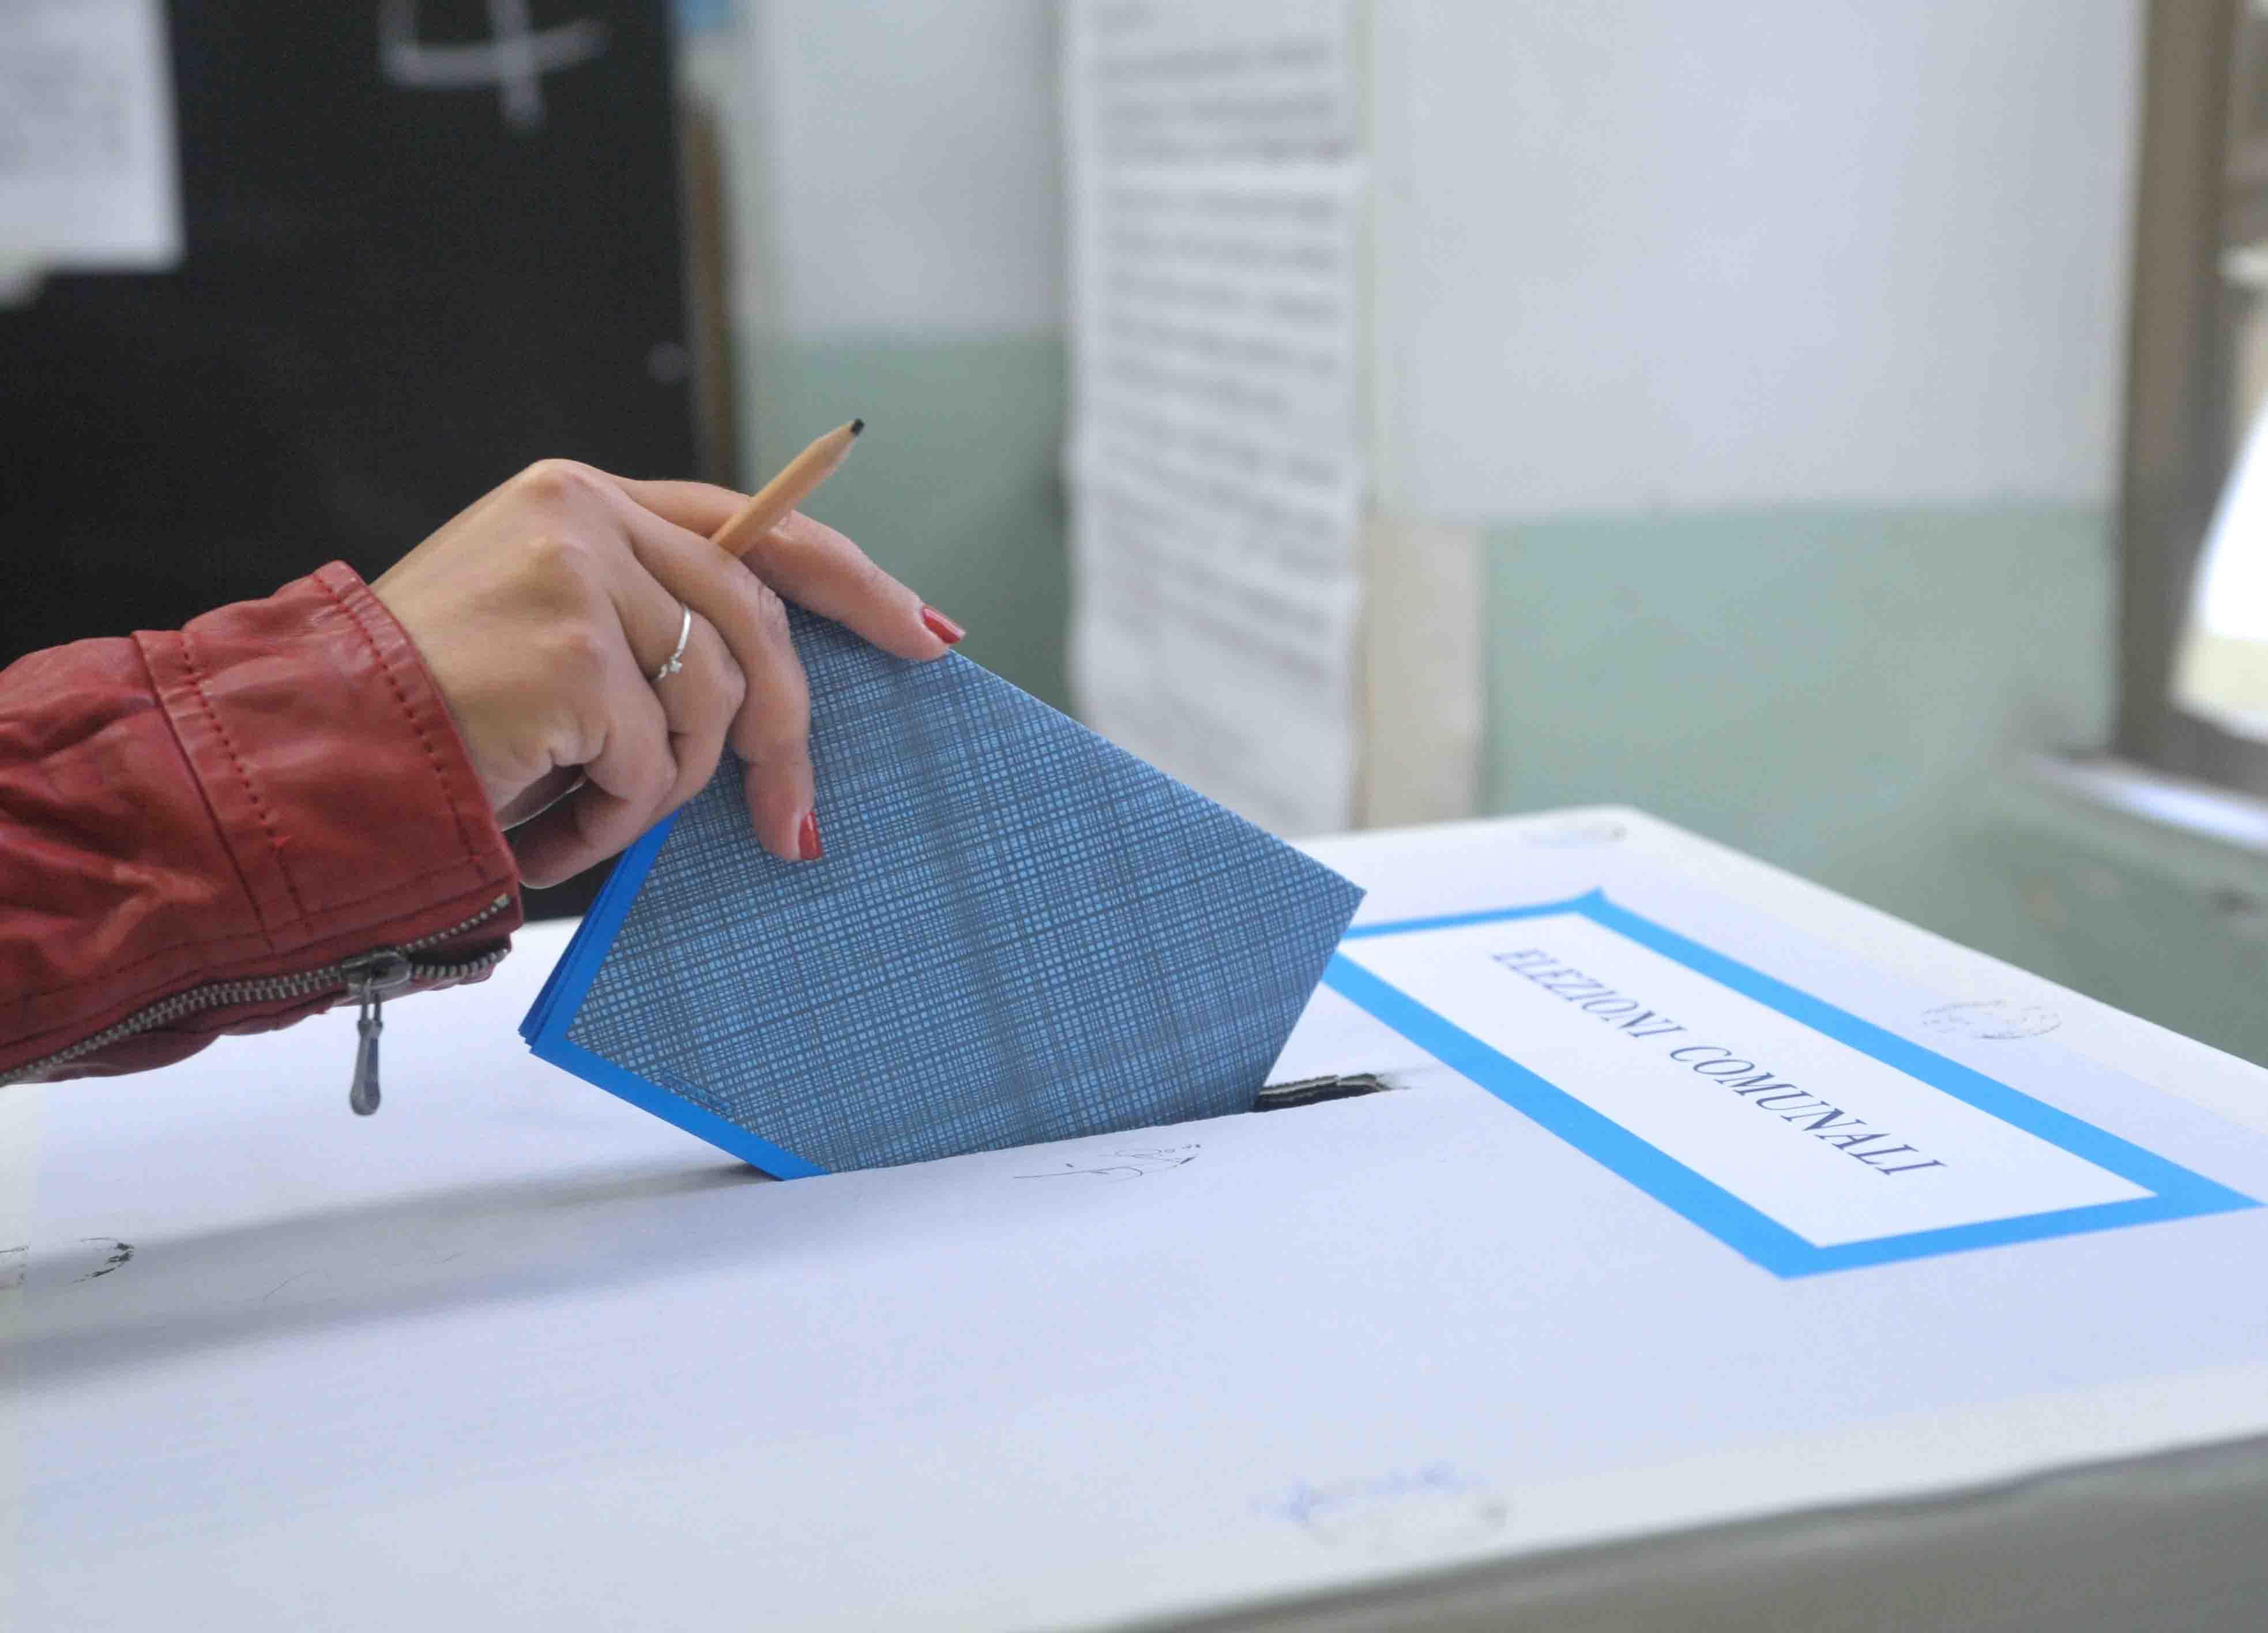 Rinvio di elezioni comunali e regionali, lo prevede la bozza del nuovo decreto governativo in approvazione domani